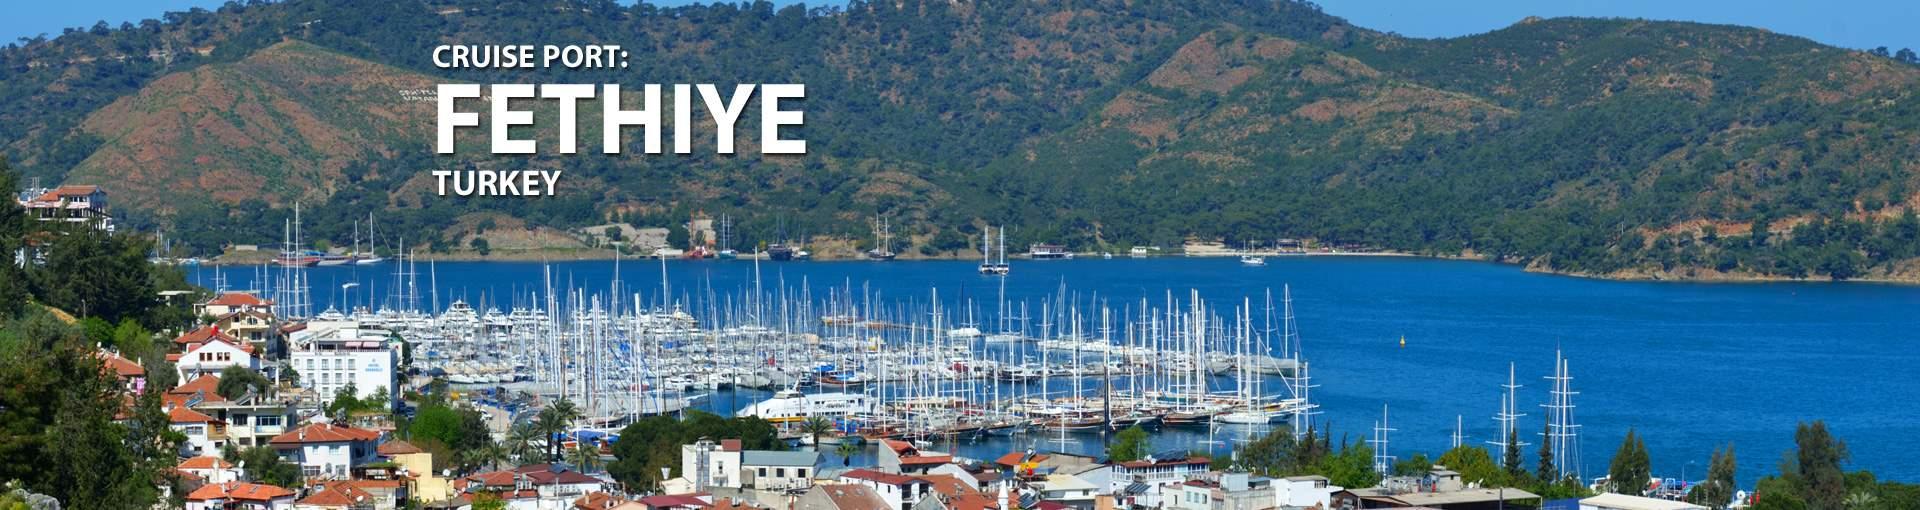 Cruises to Fethiye, Turkey